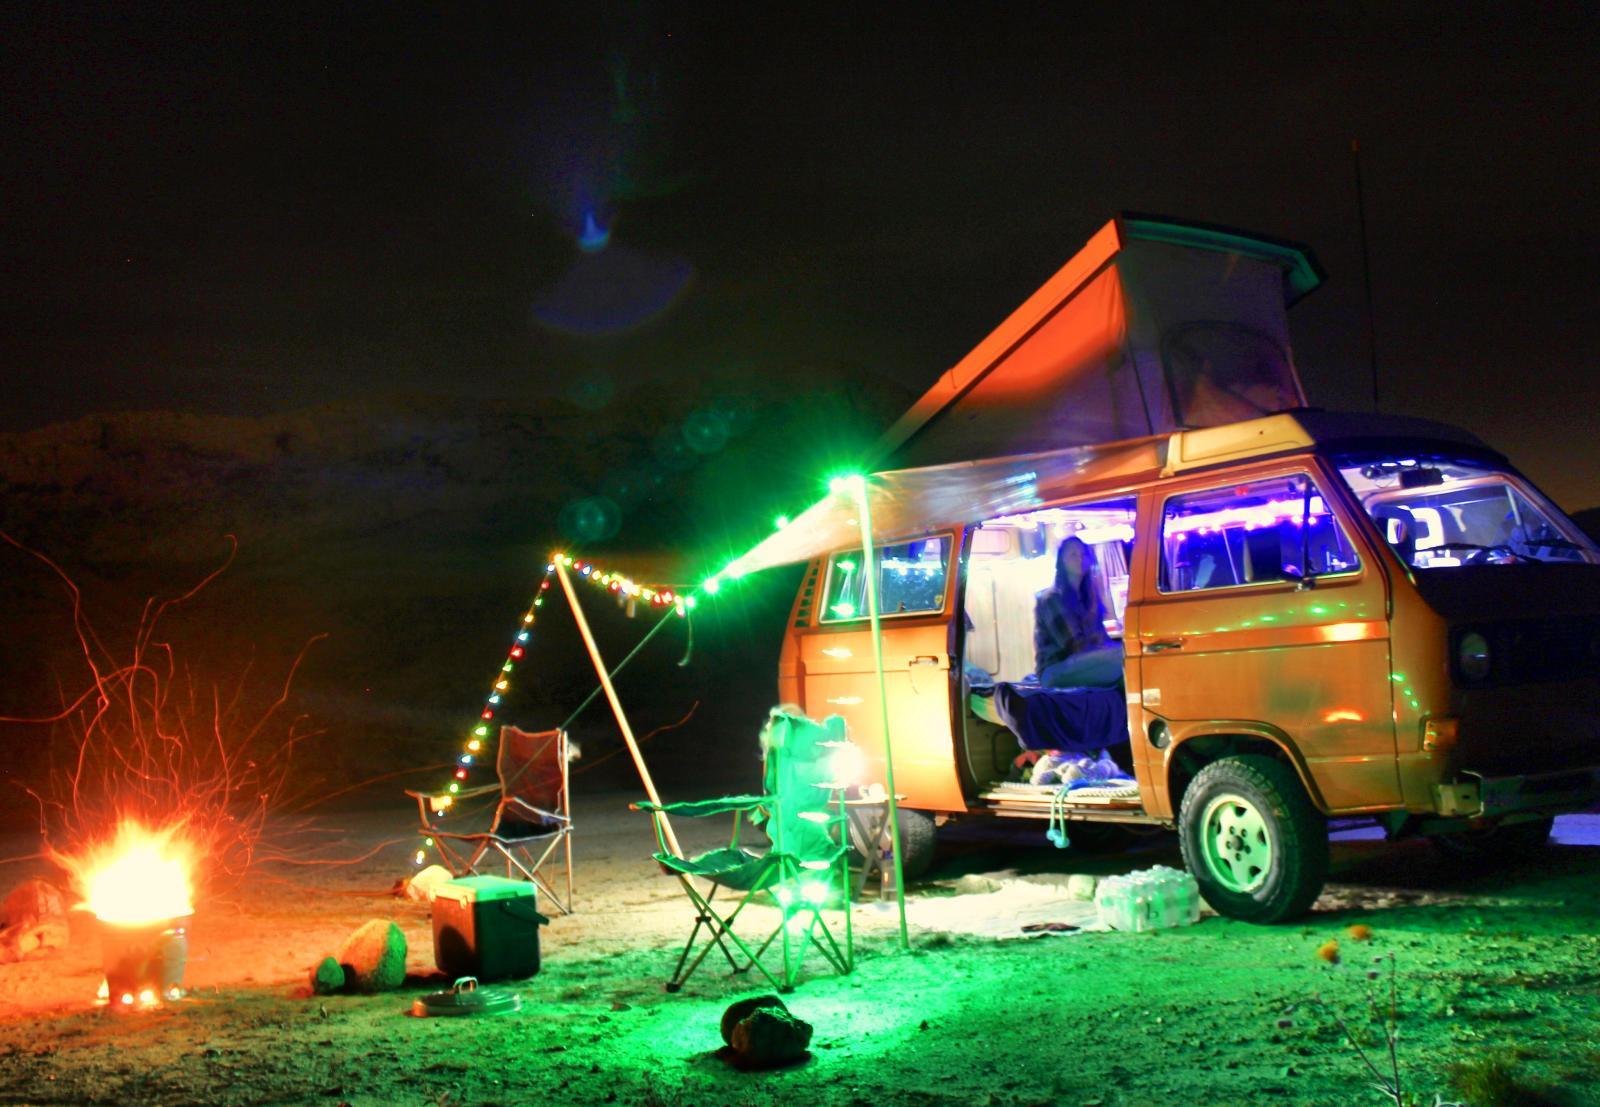 Trippy hippy van